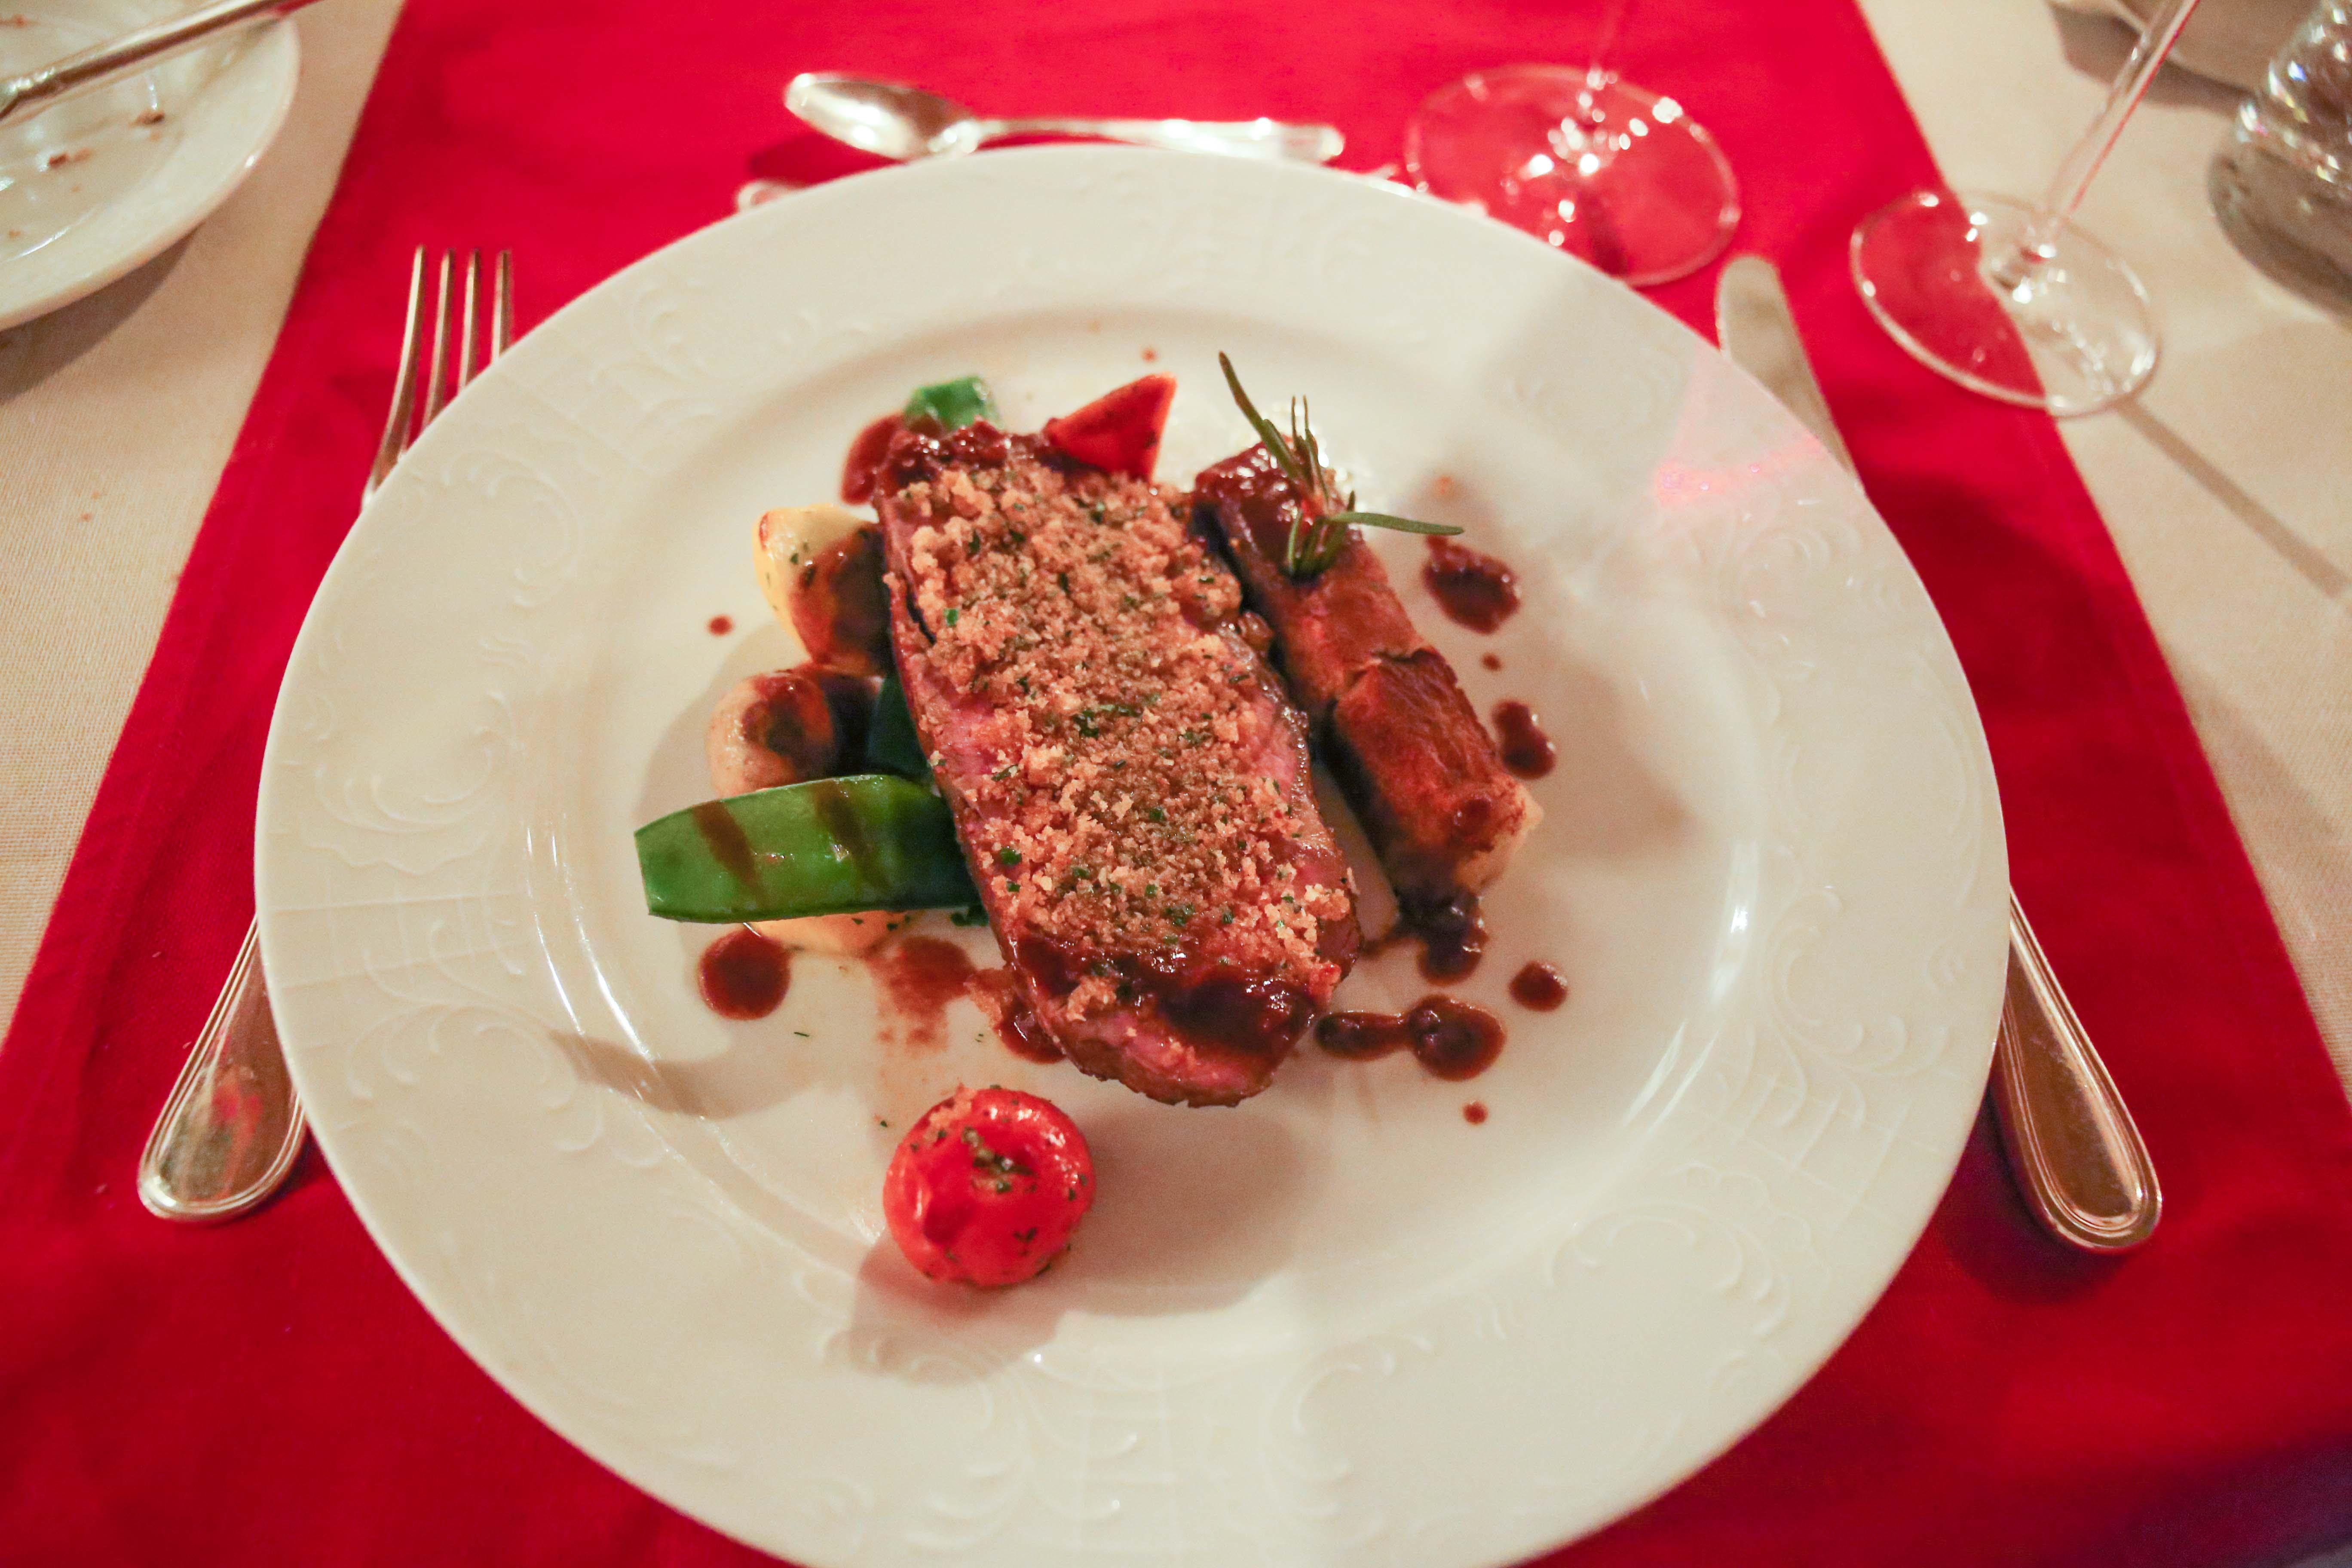 grand-hotel-zell-am-see-restaurant-weinkeller-candle-light-dinner